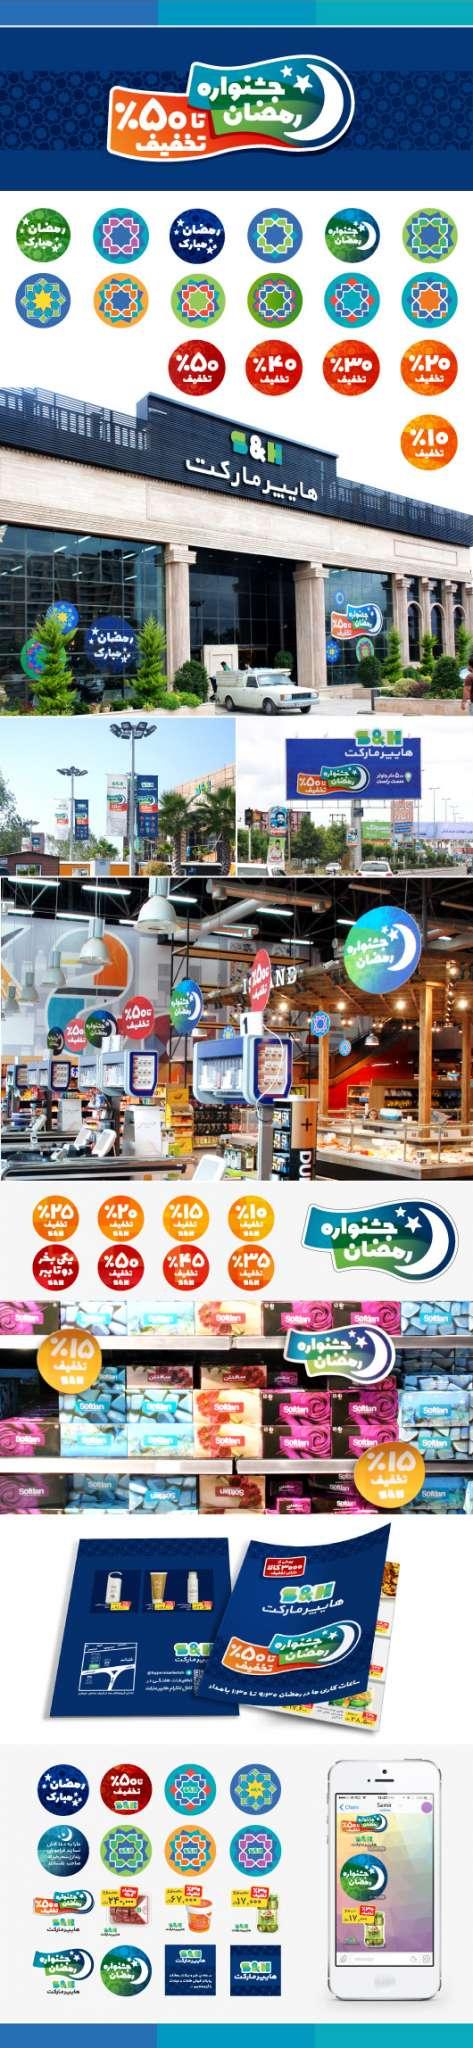 3 - طراحی کمپین های بازاریابی هایپرمارکت های زنجیره ای S&H